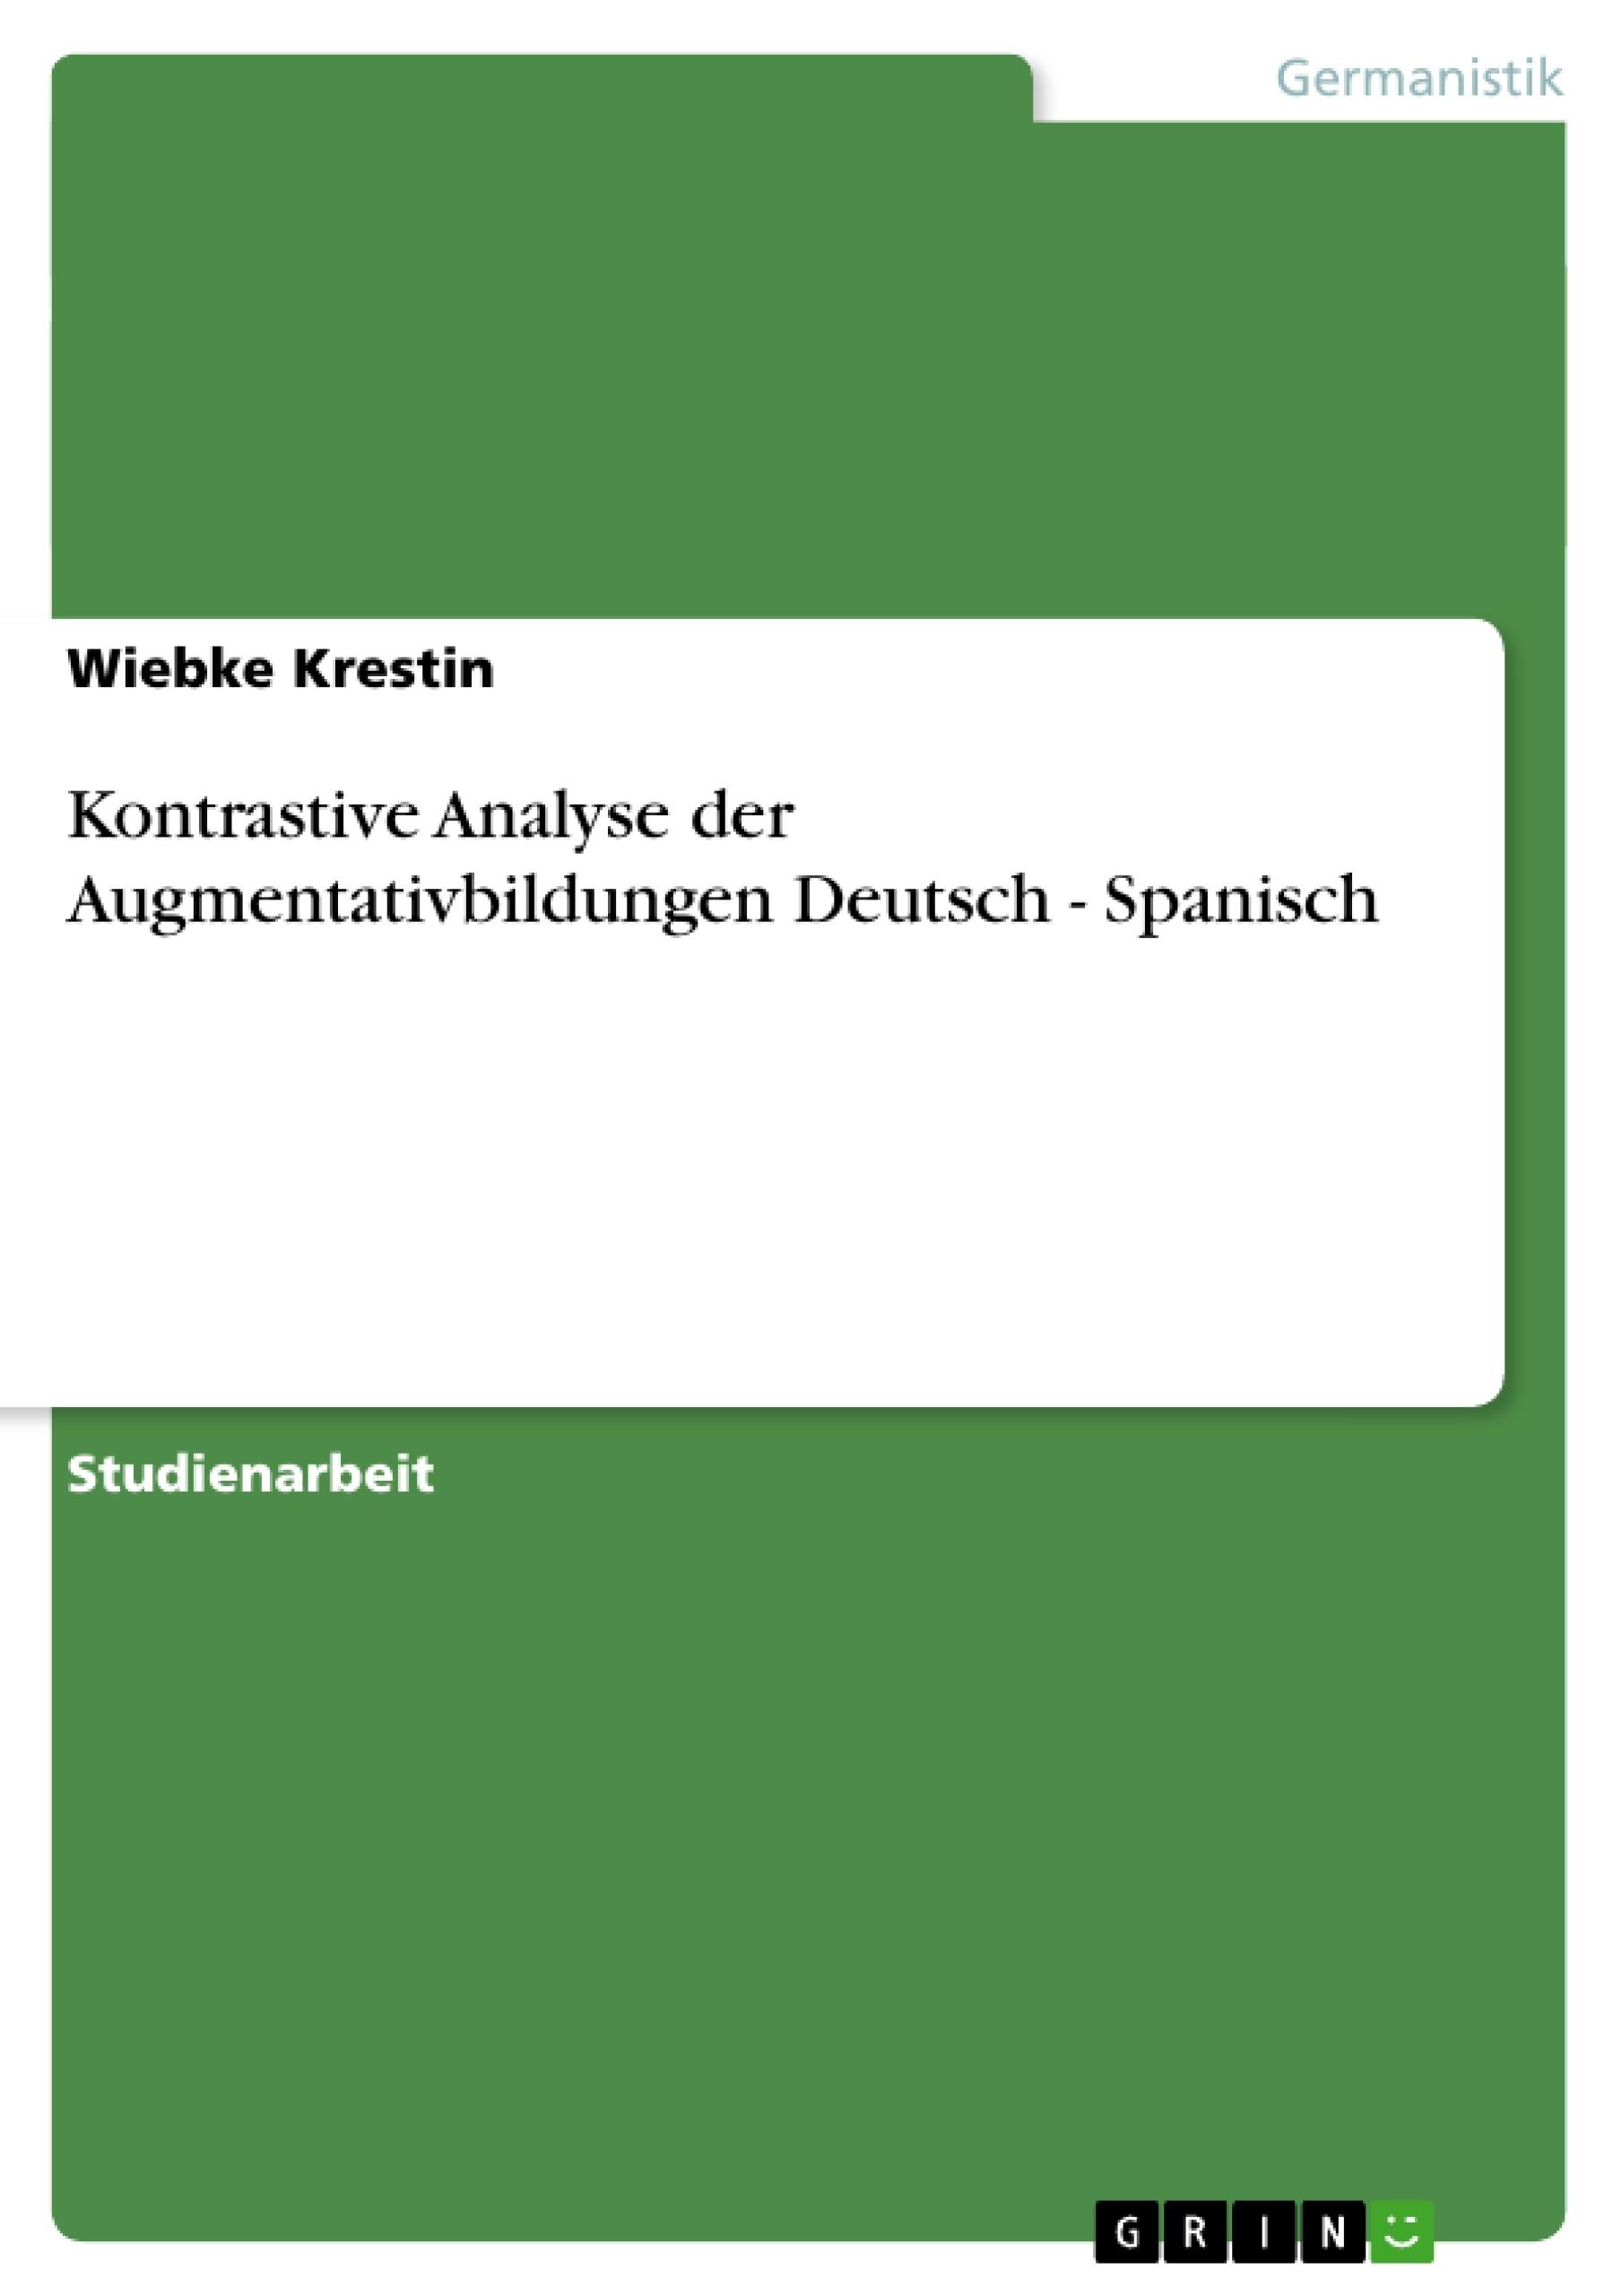 Kontrastive Analyse der Augmentativbildungen Deutsch - Spanisch ...